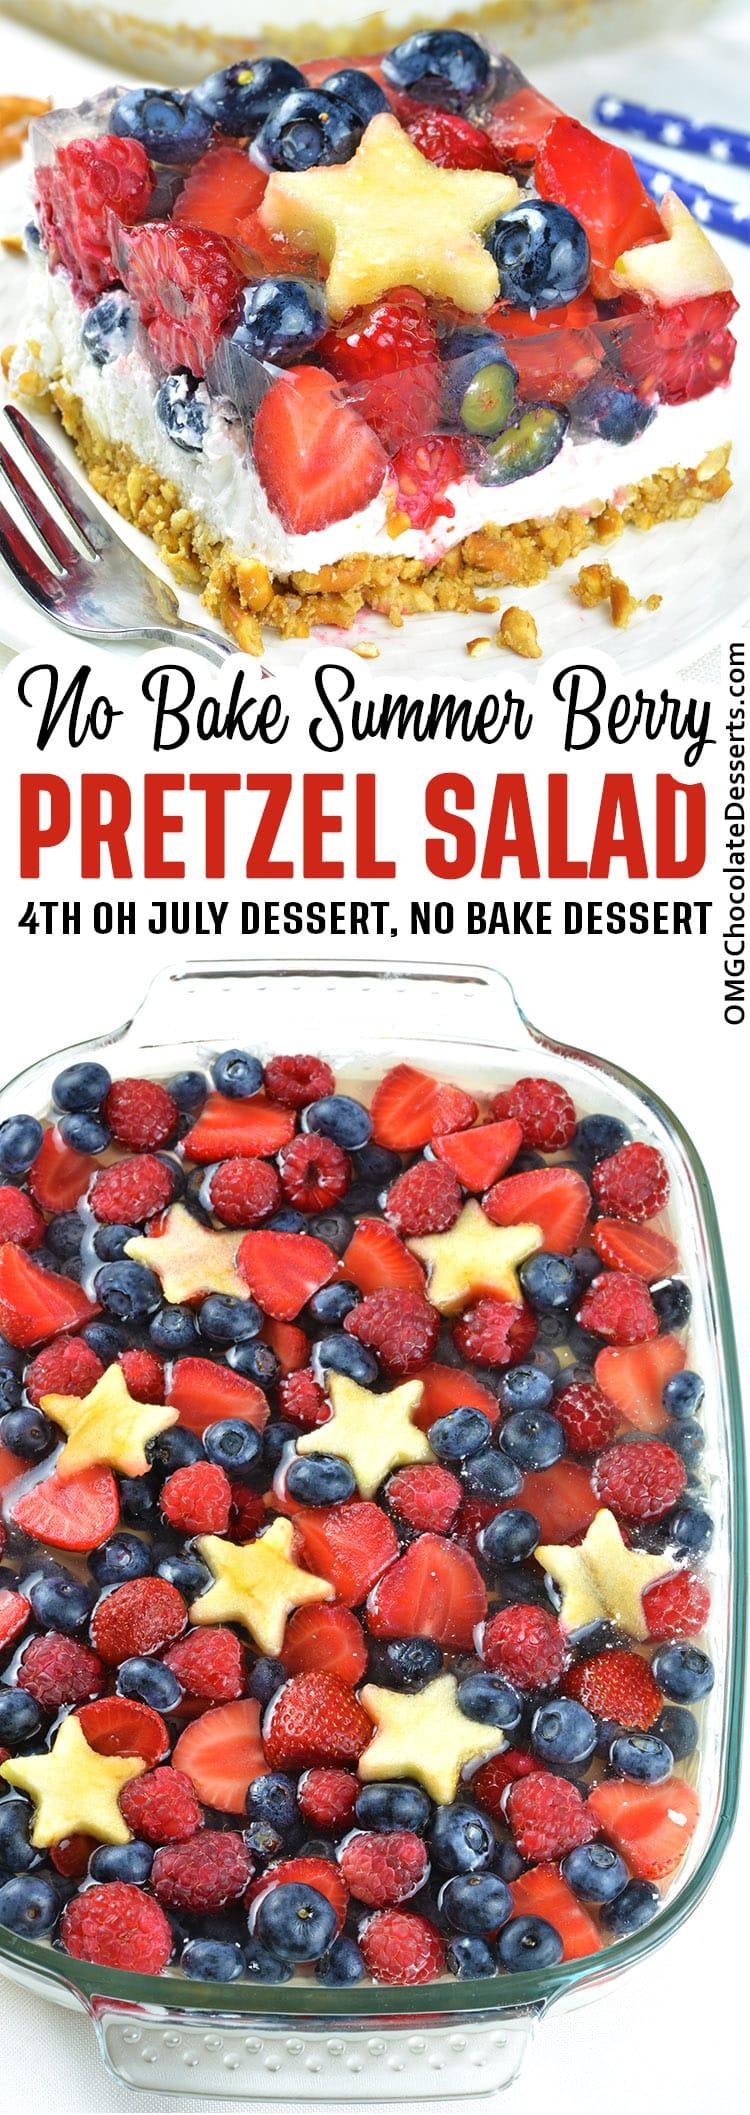 Summer Berry Pretzel Salad